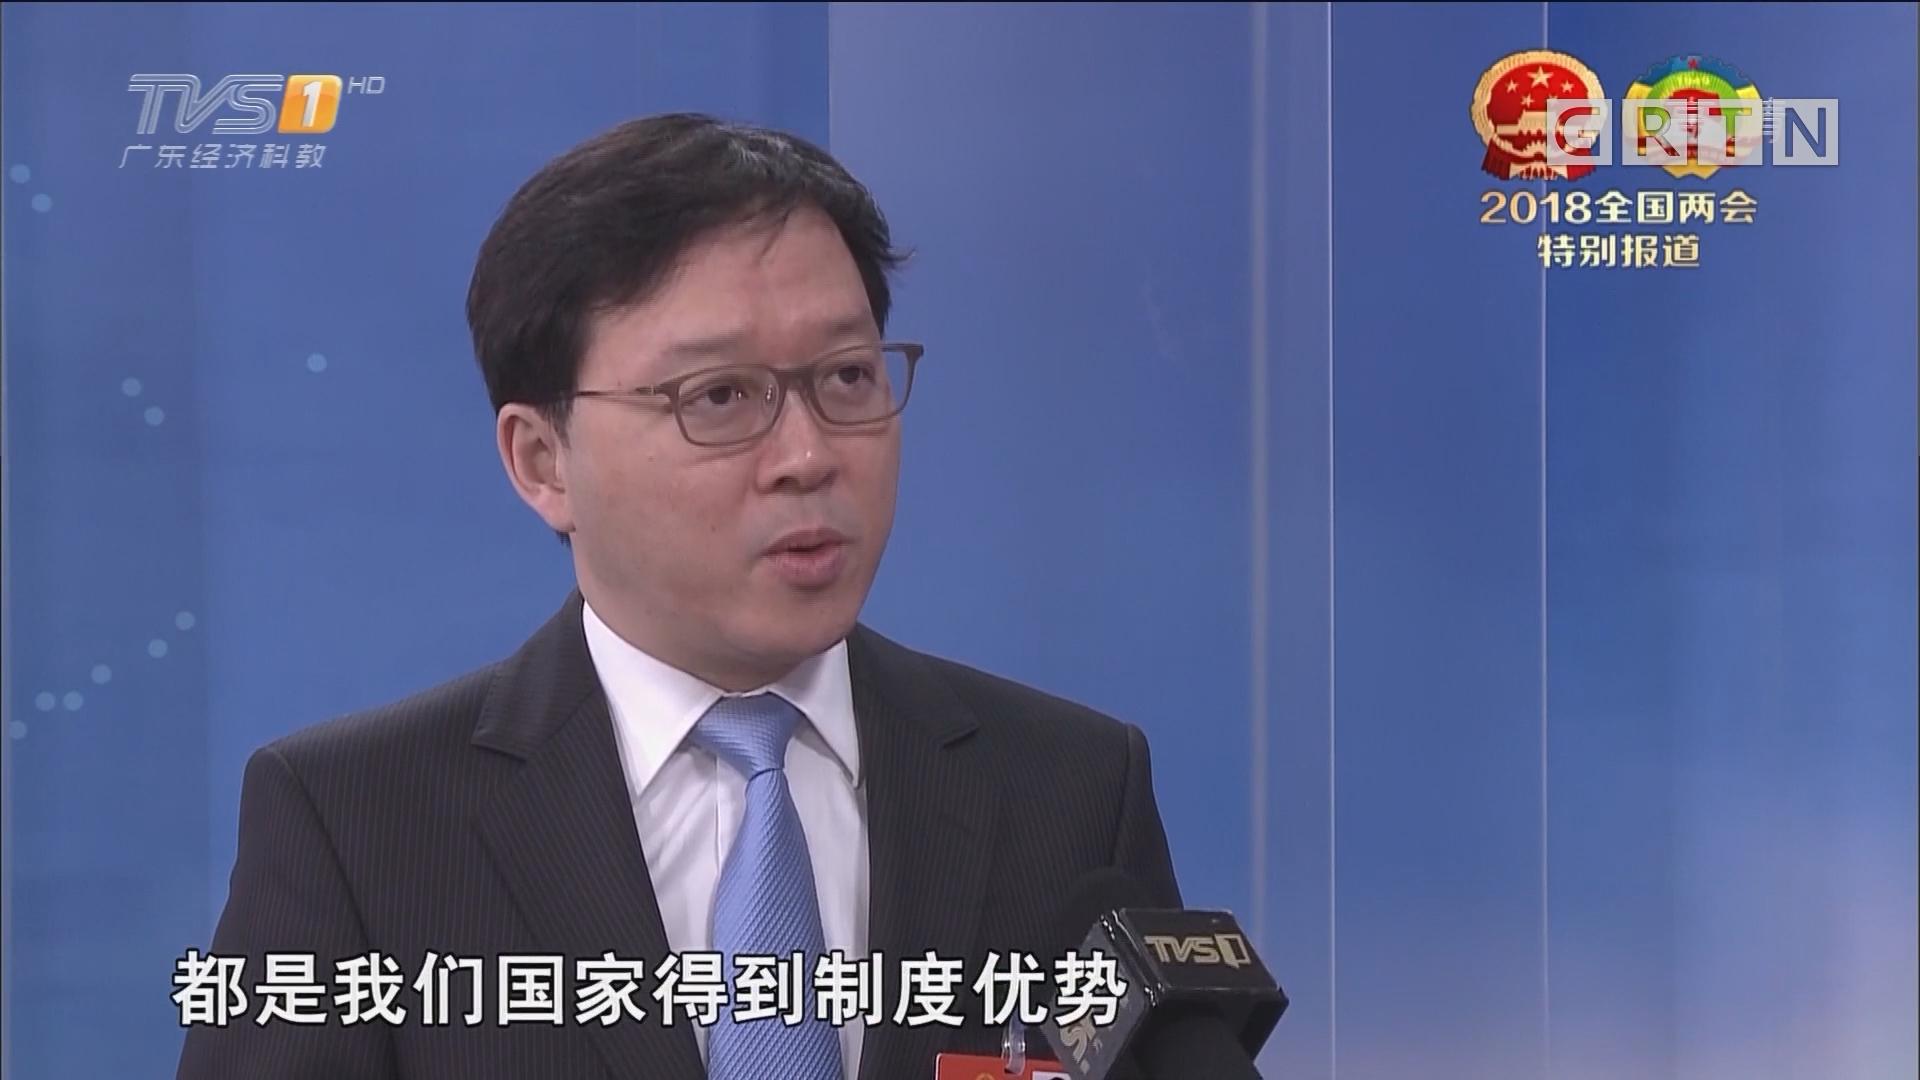 专访全国人大代表 张俊勇:香港青年要把握粤港澳大湾区发展机遇